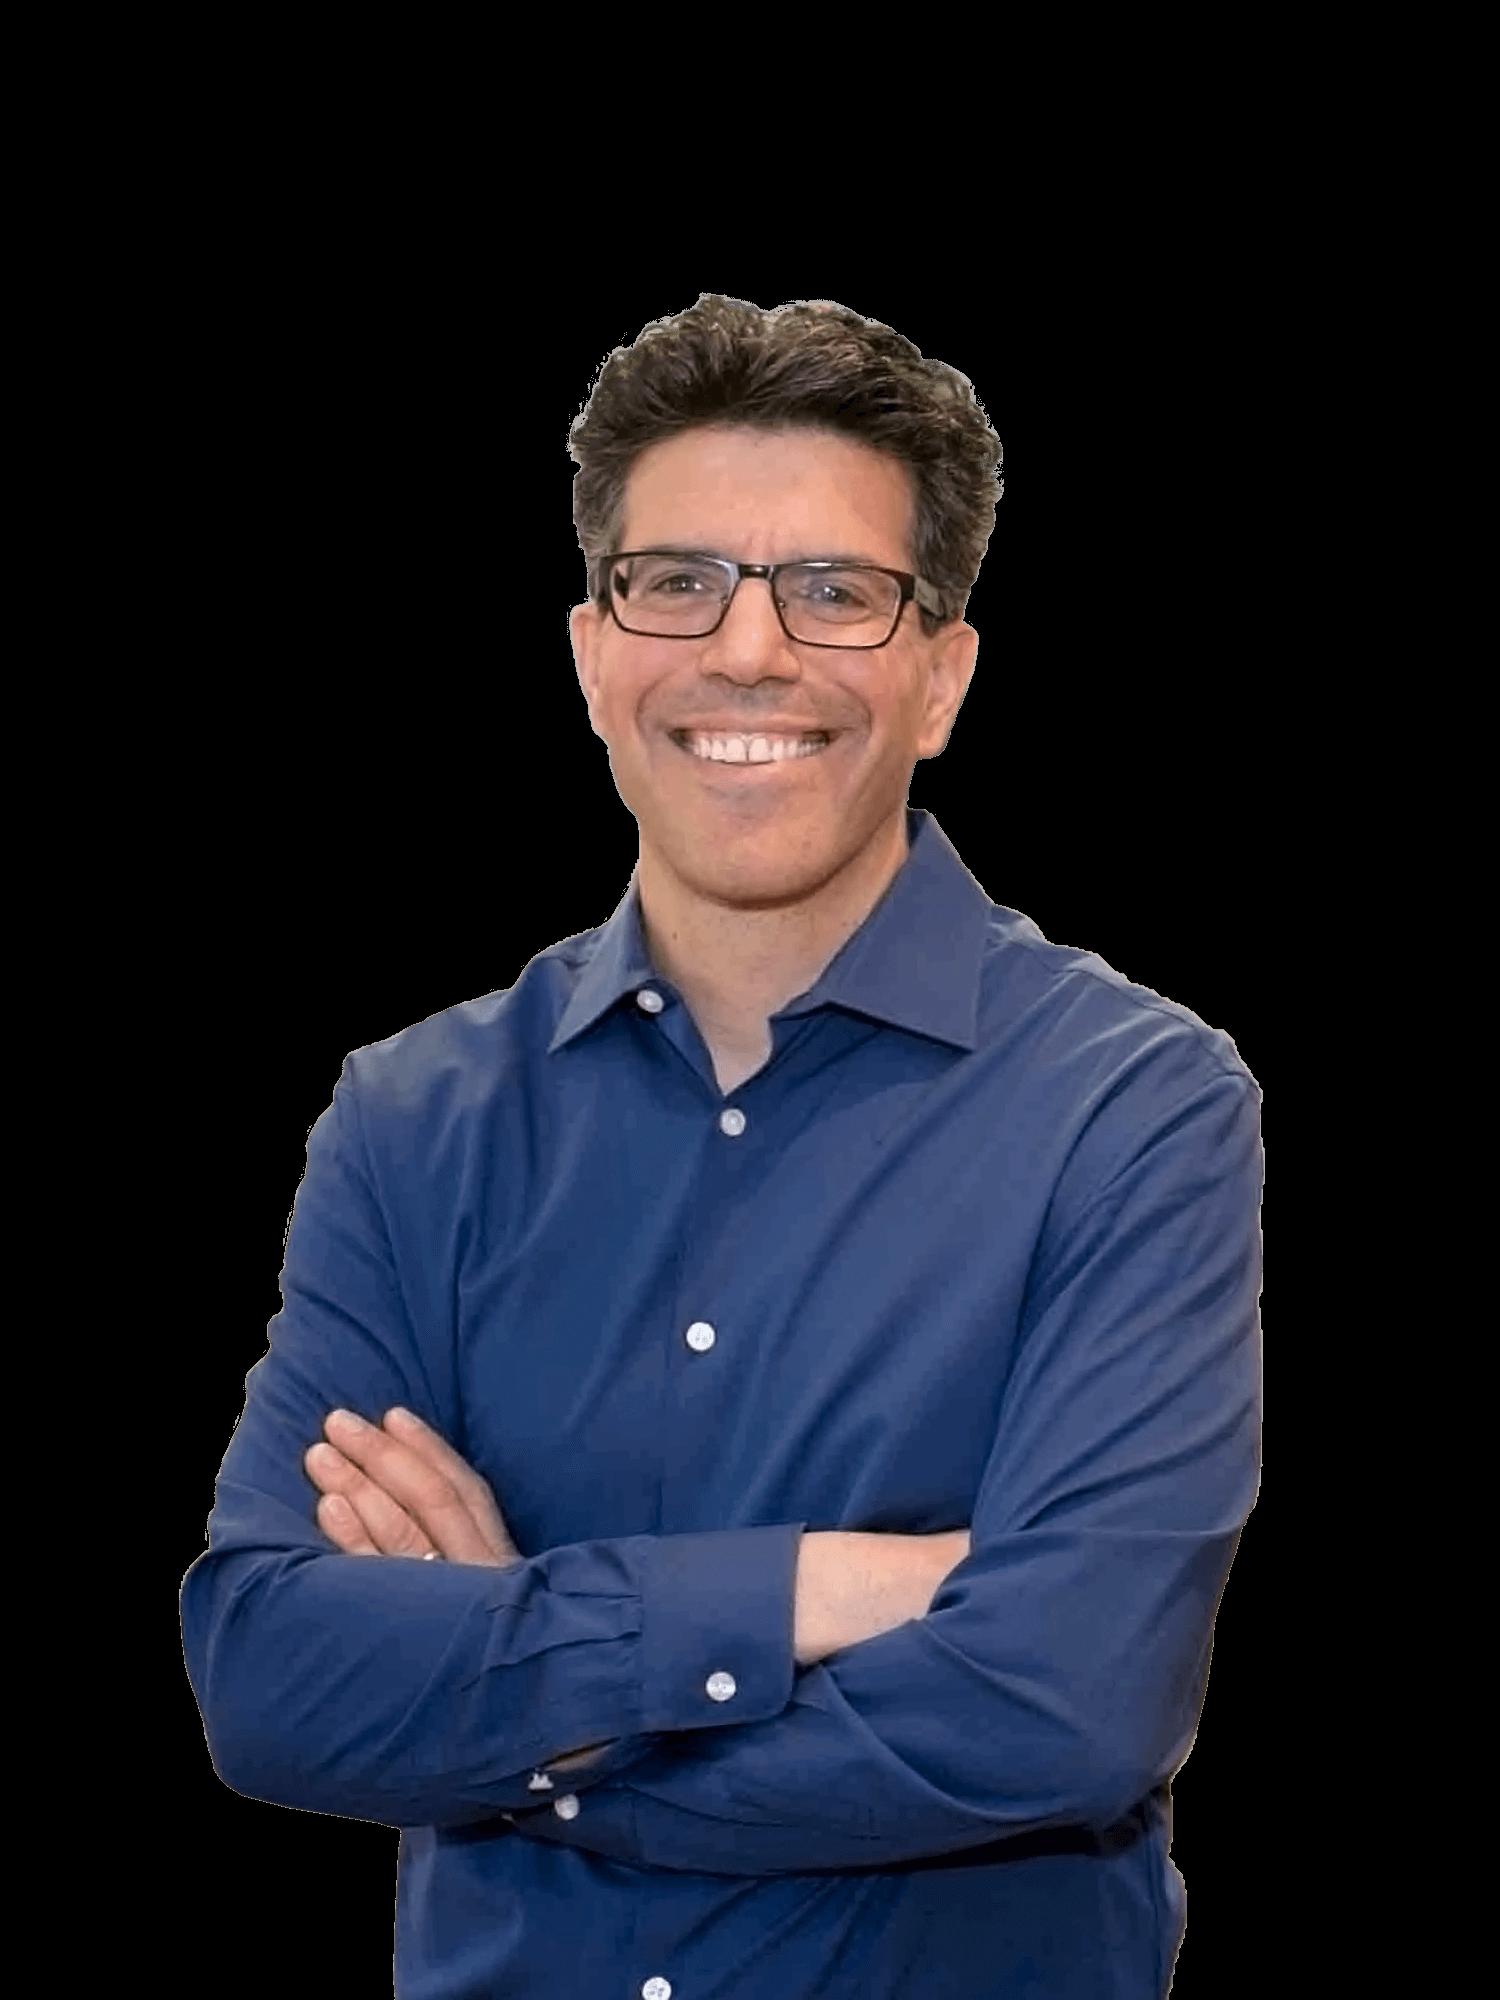 Gil Elbaz - Co-Executive Chairman